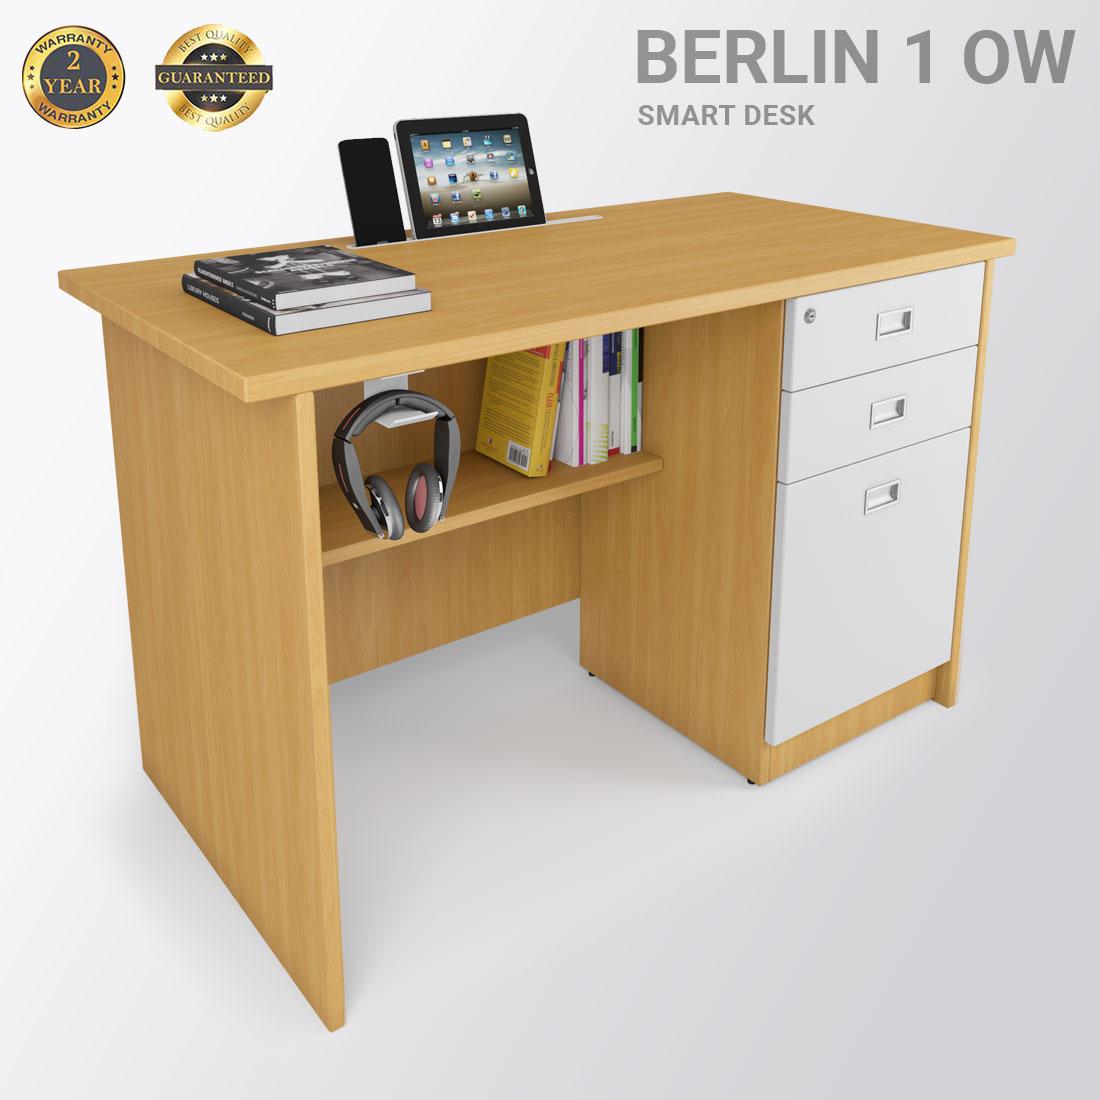 BERLIN 1 OW